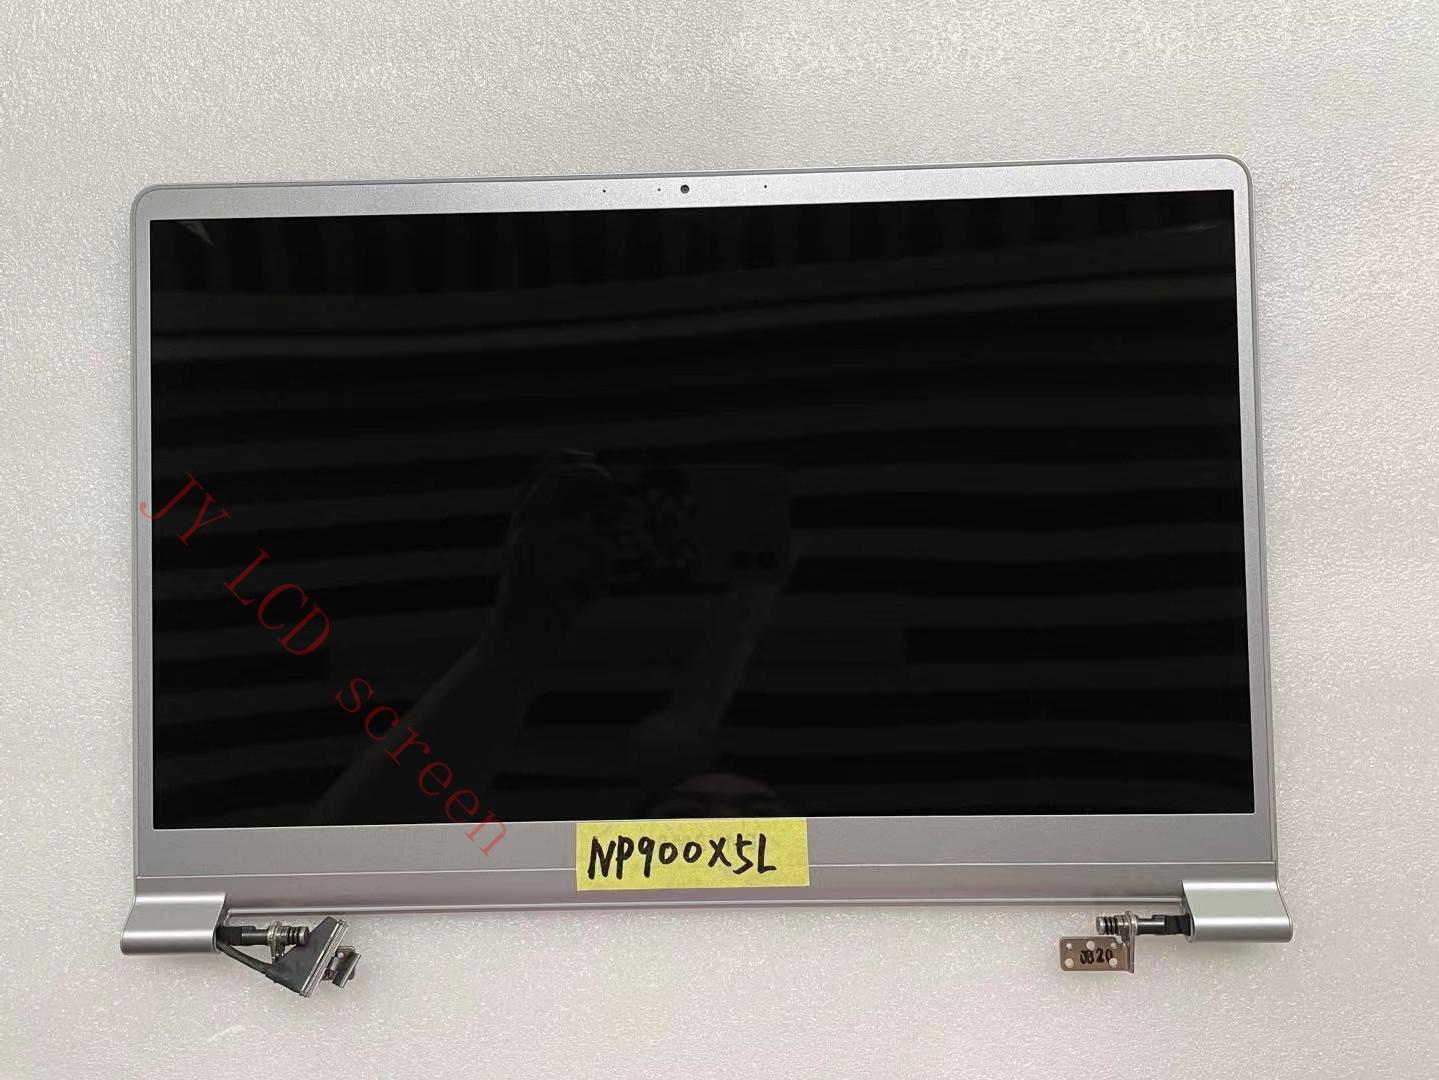 15.0 بوصة الأصلي لسامسونج NP900X5L NP900X5L NP900X5M NP900X5J شاشة LCD LED الجمعية الشاشة الفضة FHD العلوي نصف جزء